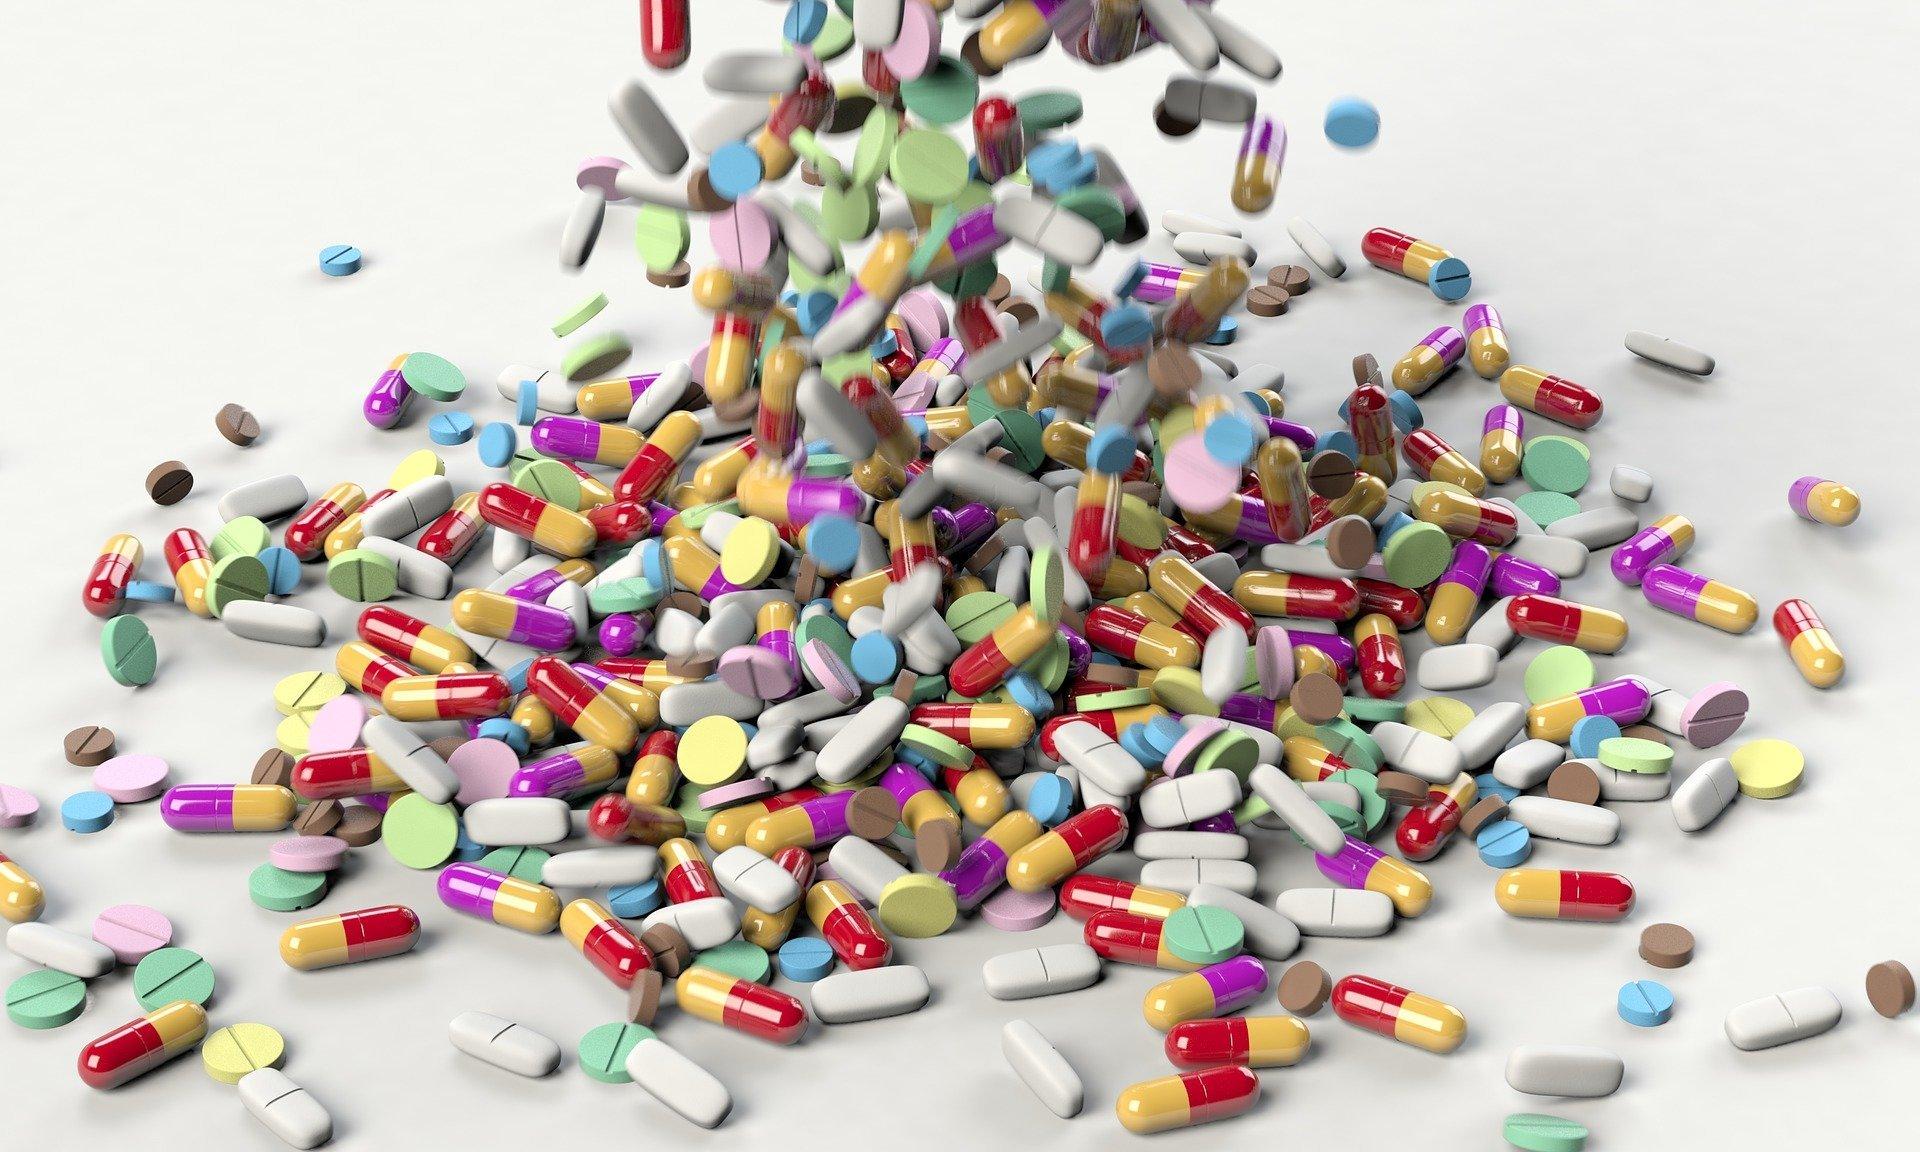 Wissenschaftler präsentieren eine wirksame medikamentöse Toxizität Vorhersage-Methode